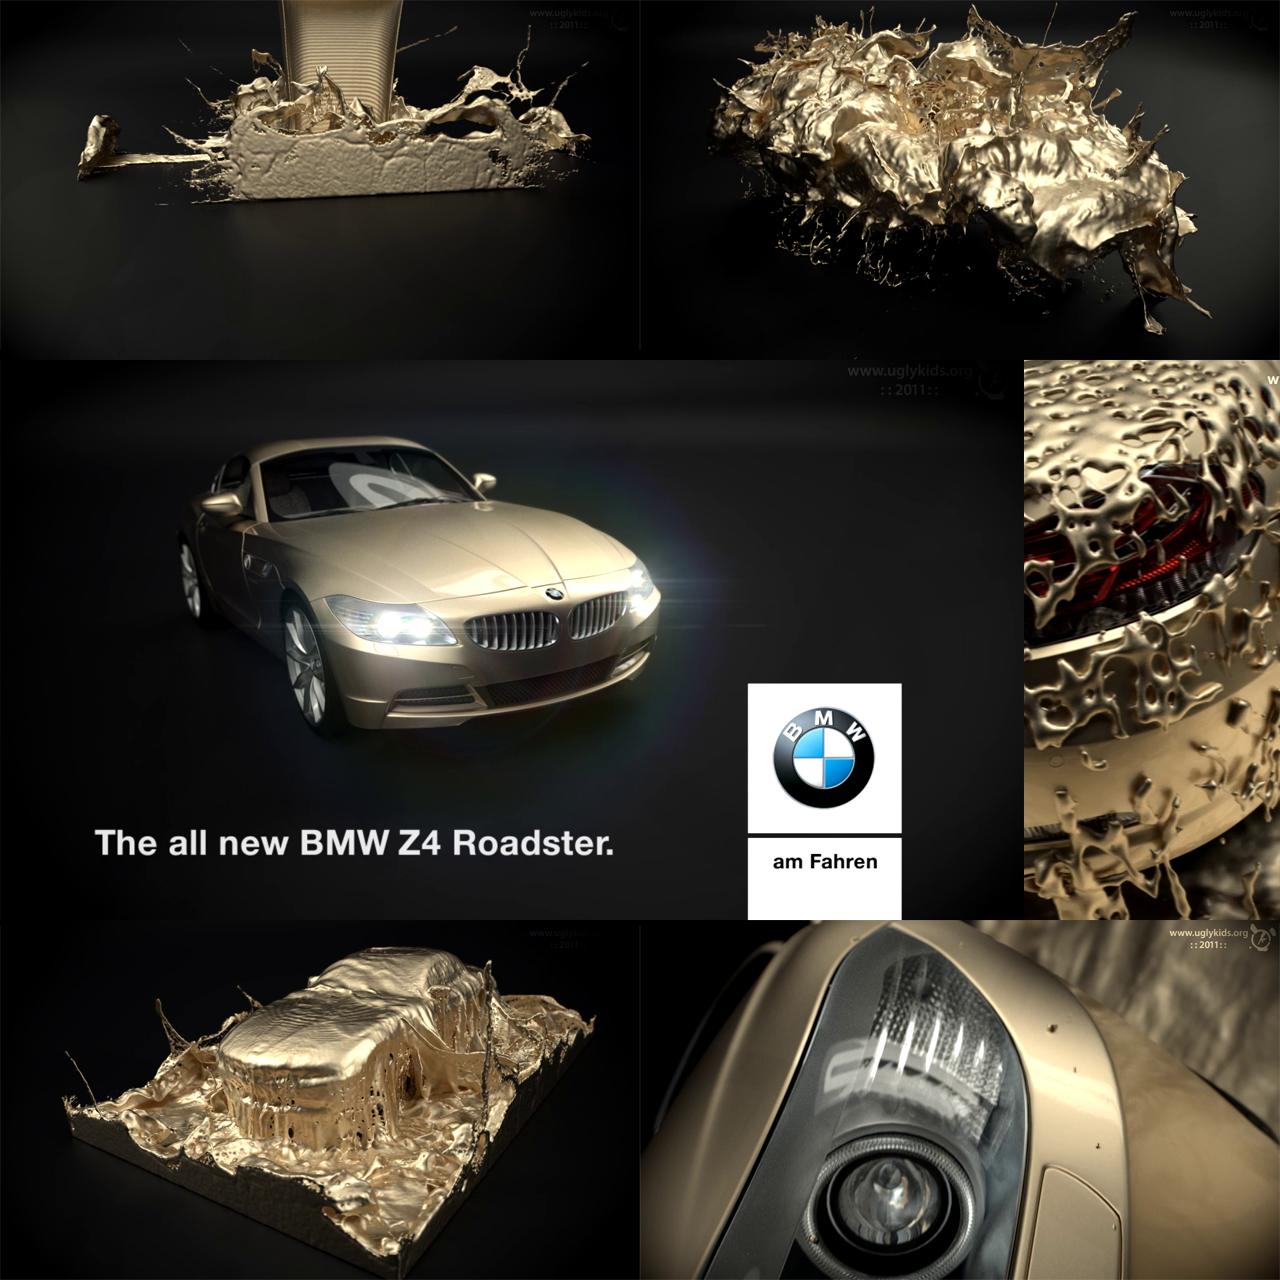 Bmw Z4 Forum: RealFlow 5 : : Maxwell Render : : TVC Layout BMW Z4